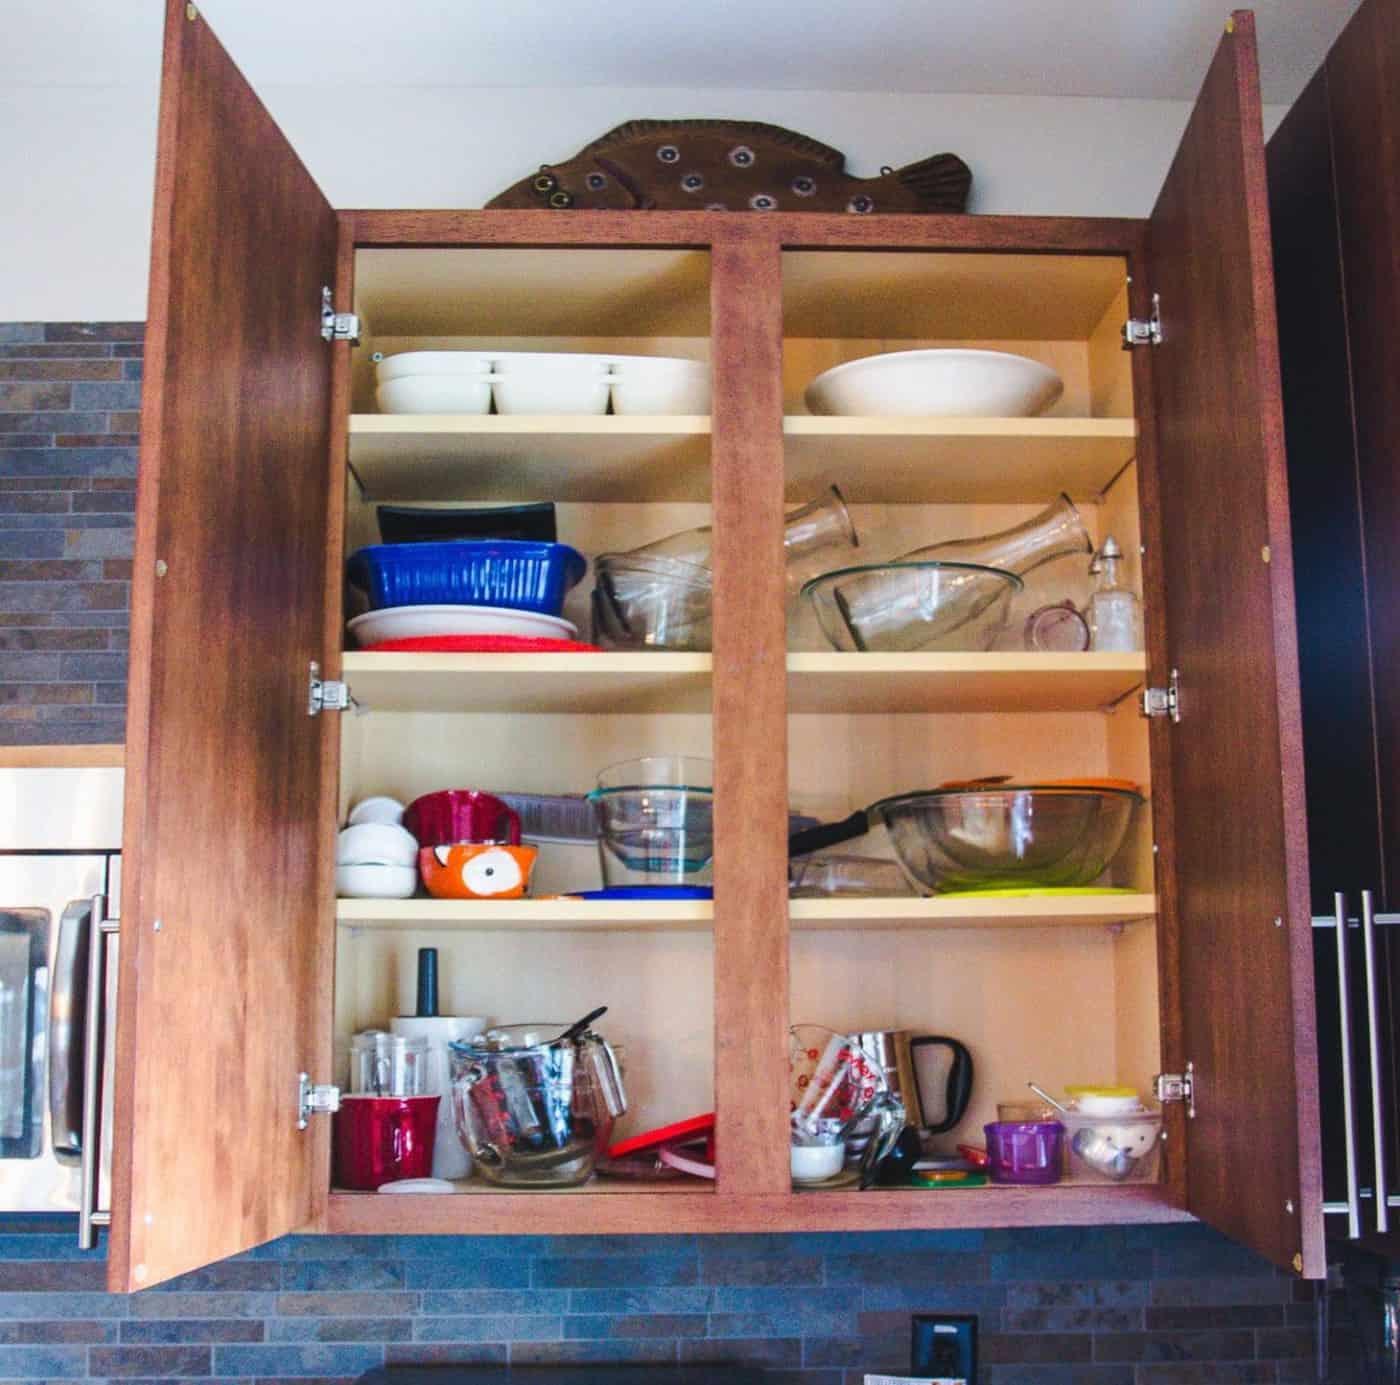 A Sneak Peek into My KonMari Kitchen Cabinet Reorganization 2